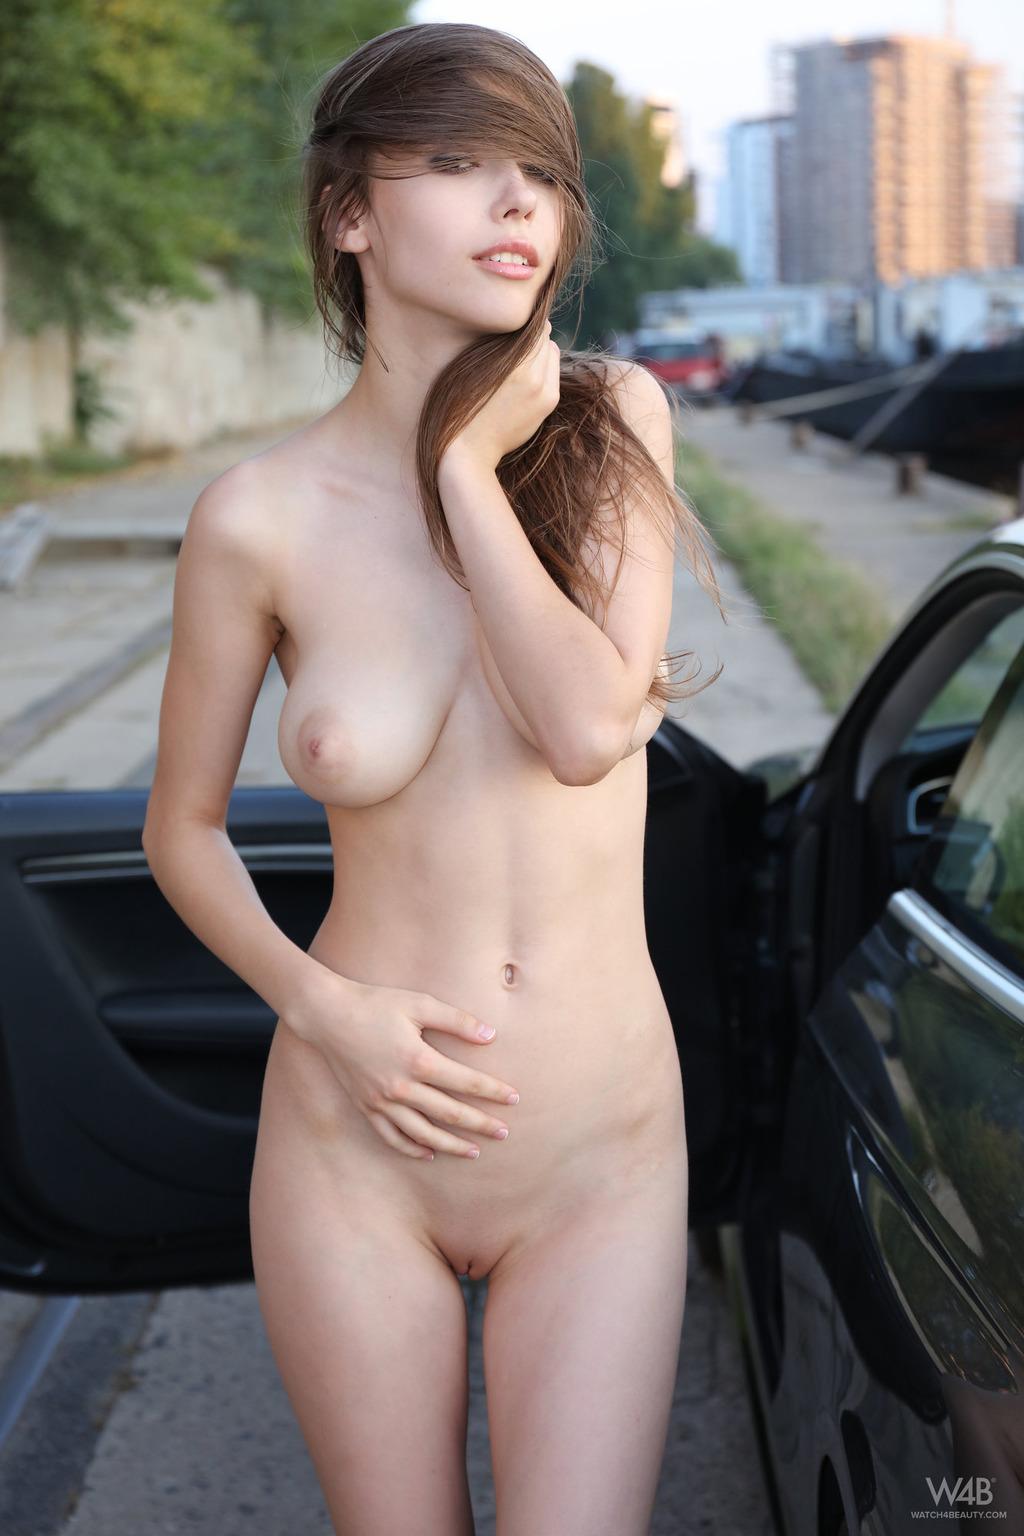 Правильные фотографий в машине